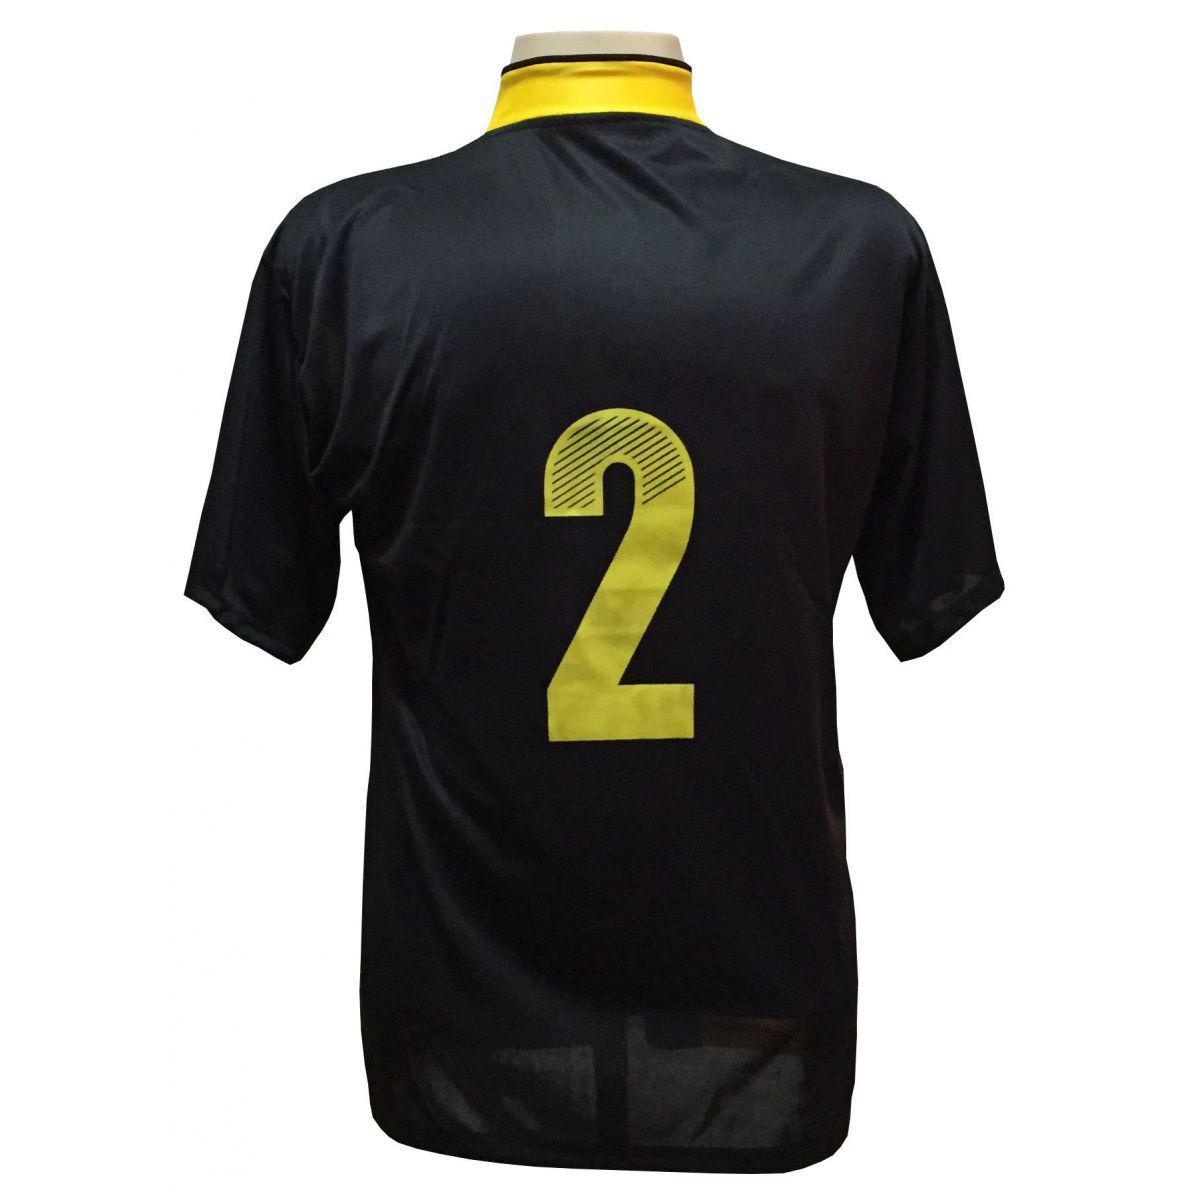 8ed88c2323063 Uniforme Esportivo com 14 Camisas modelo Suécia Preto Amarelo + 14 Calções  modelo Copa Preto Amarelo - Play fair R  569